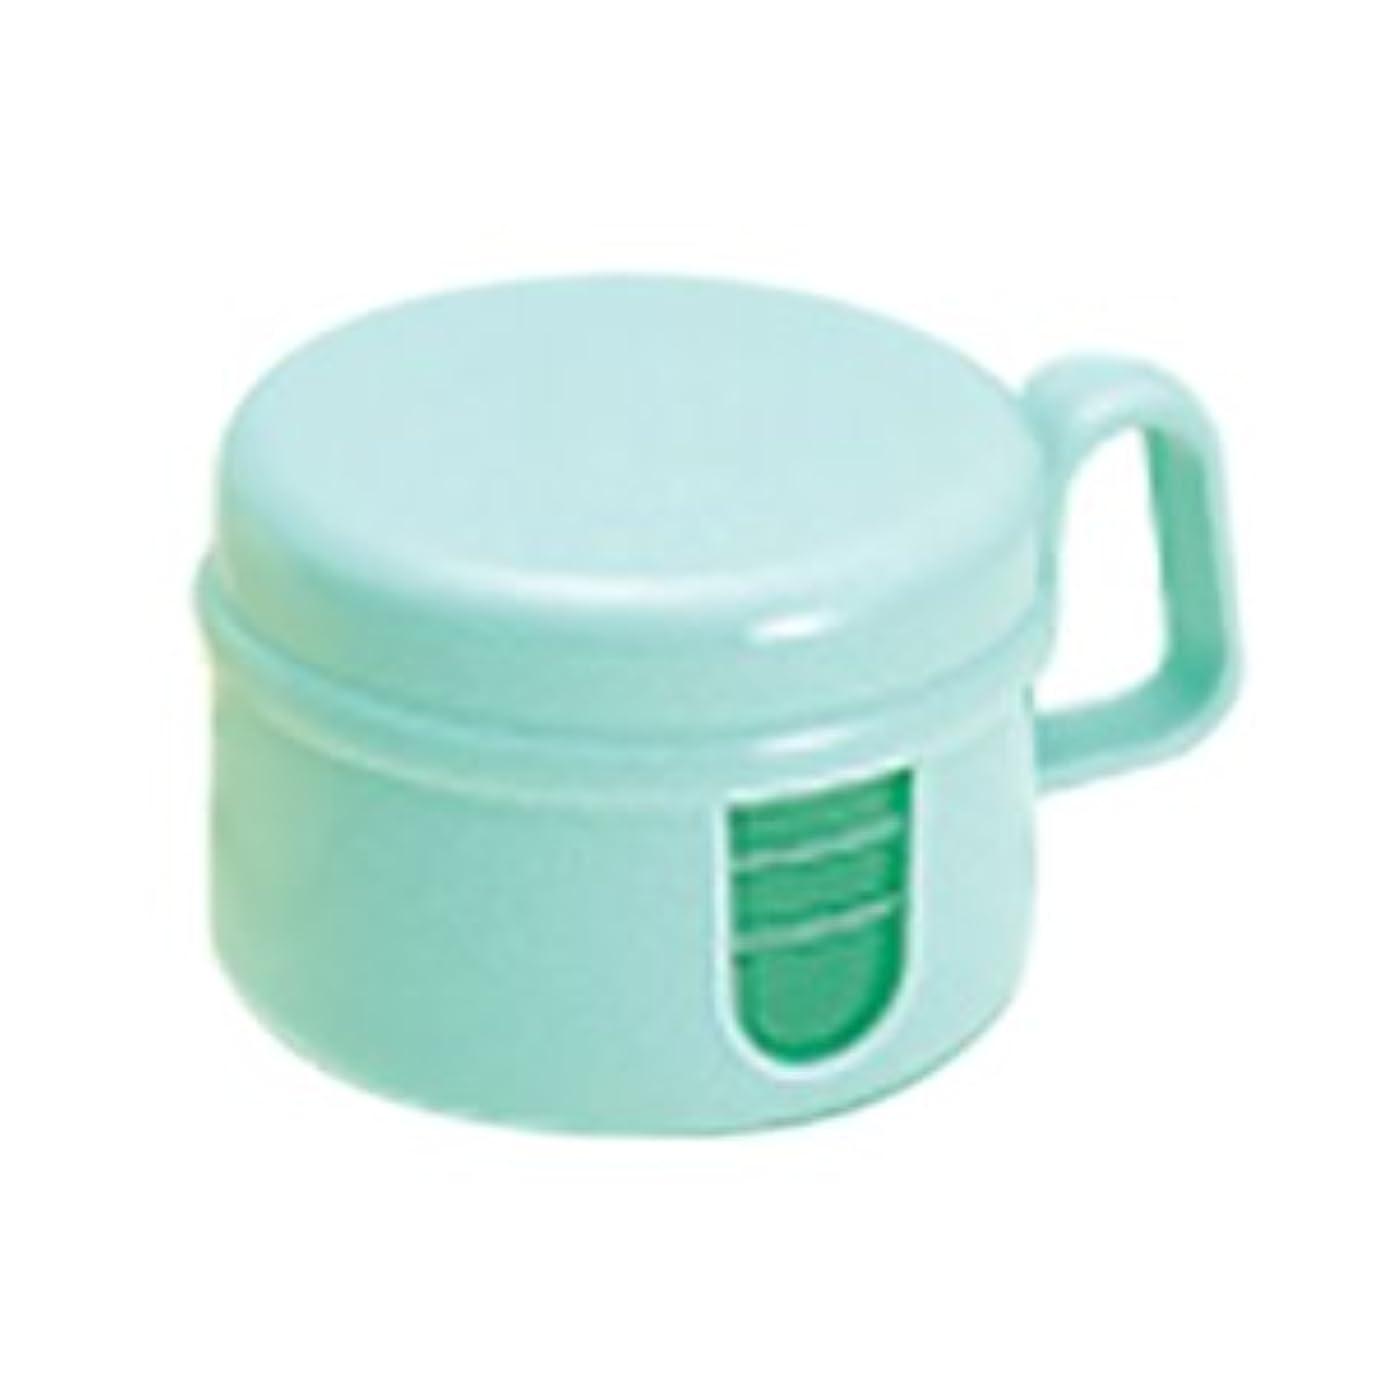 月家を通して松風 ピカ 入れ歯 洗浄保存容器 グリーン